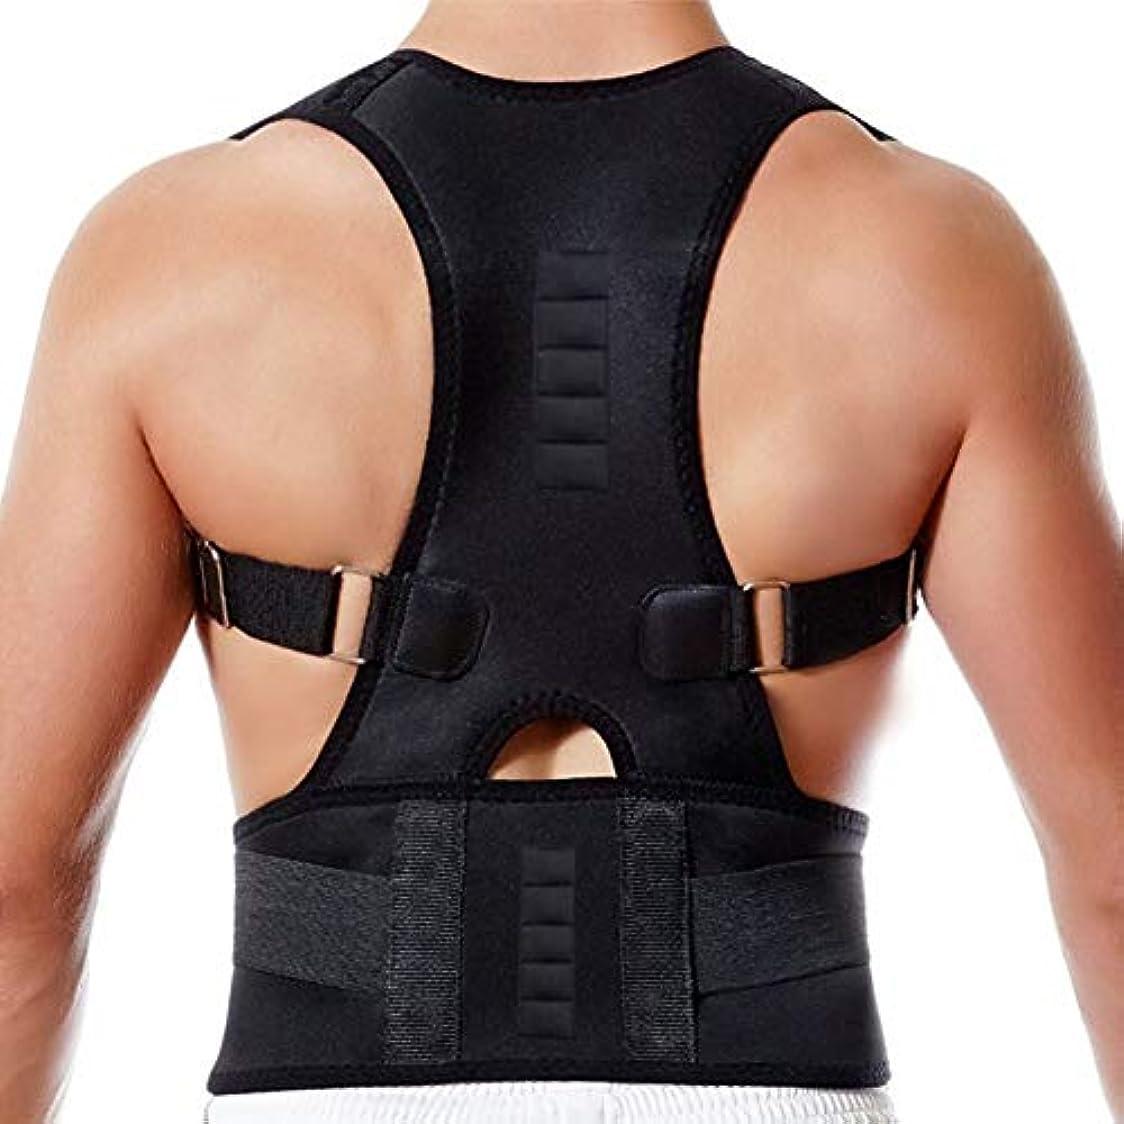 DZSW 弾性素材を備えたアッパーバックブレースをアップグレードする男性と女性用のブラックポスチャーコレクター、ポスチャーサポートを改善し、アッパーバックの痛みを和らげます (Size : Black-L)